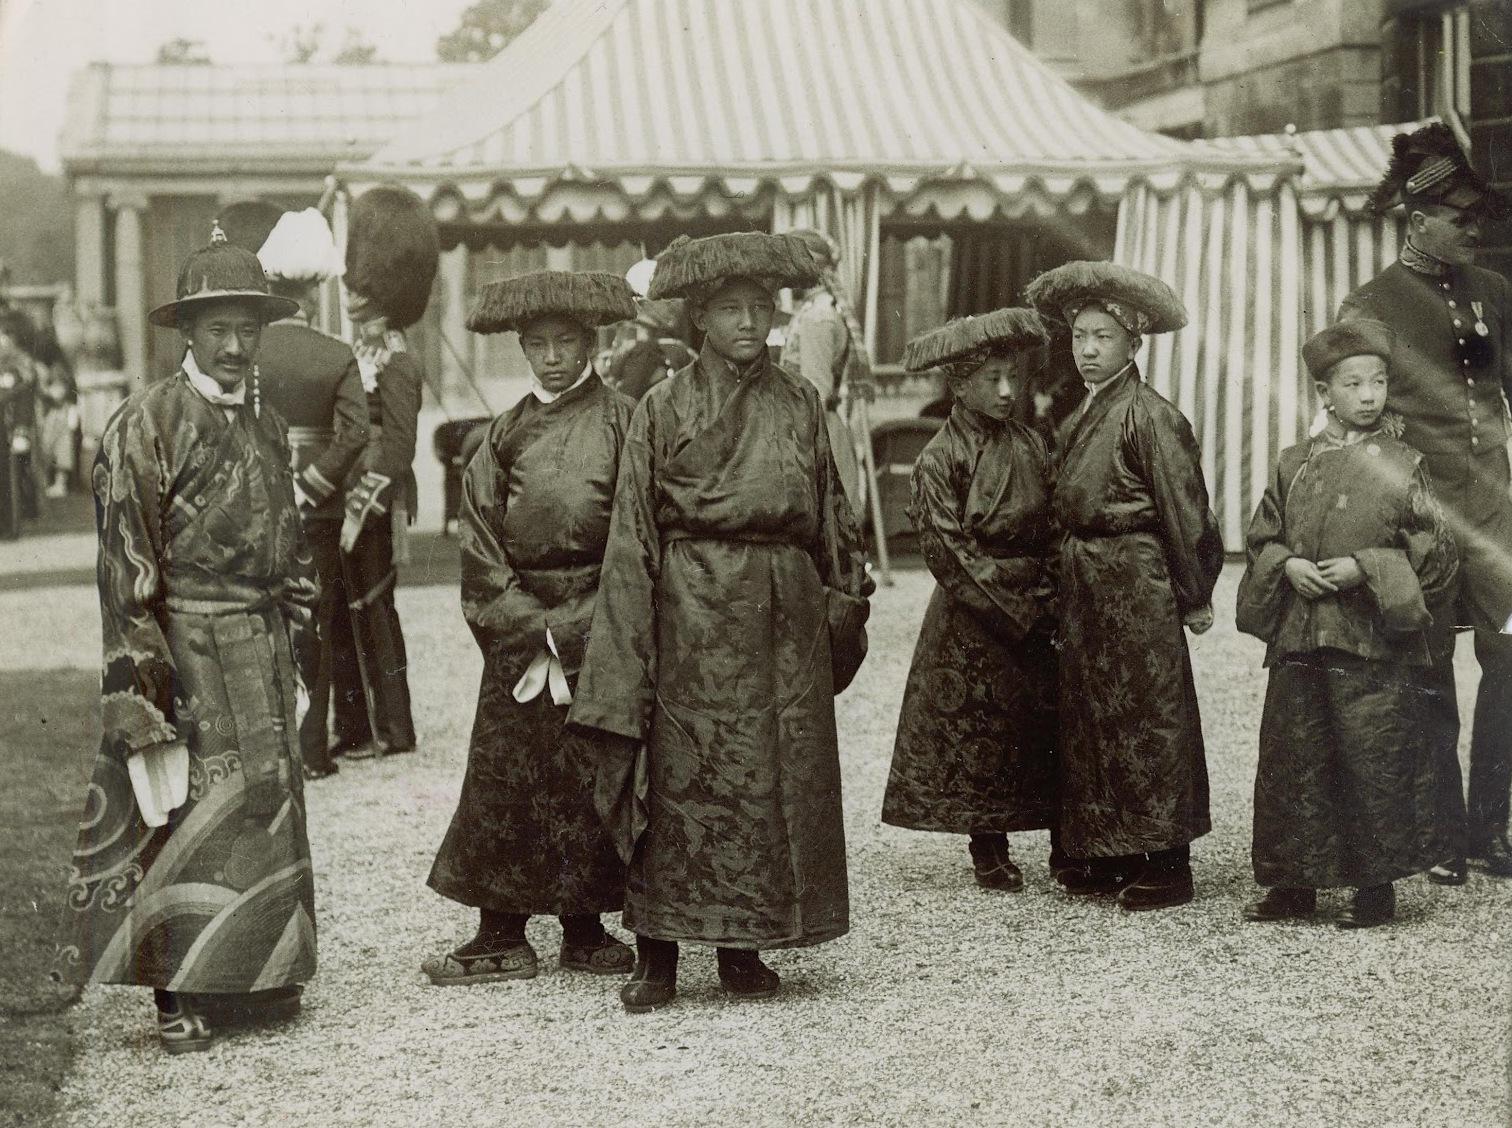 Lungshar et ses jeunes élèves à Buckingham en 1913 - Wikicommons